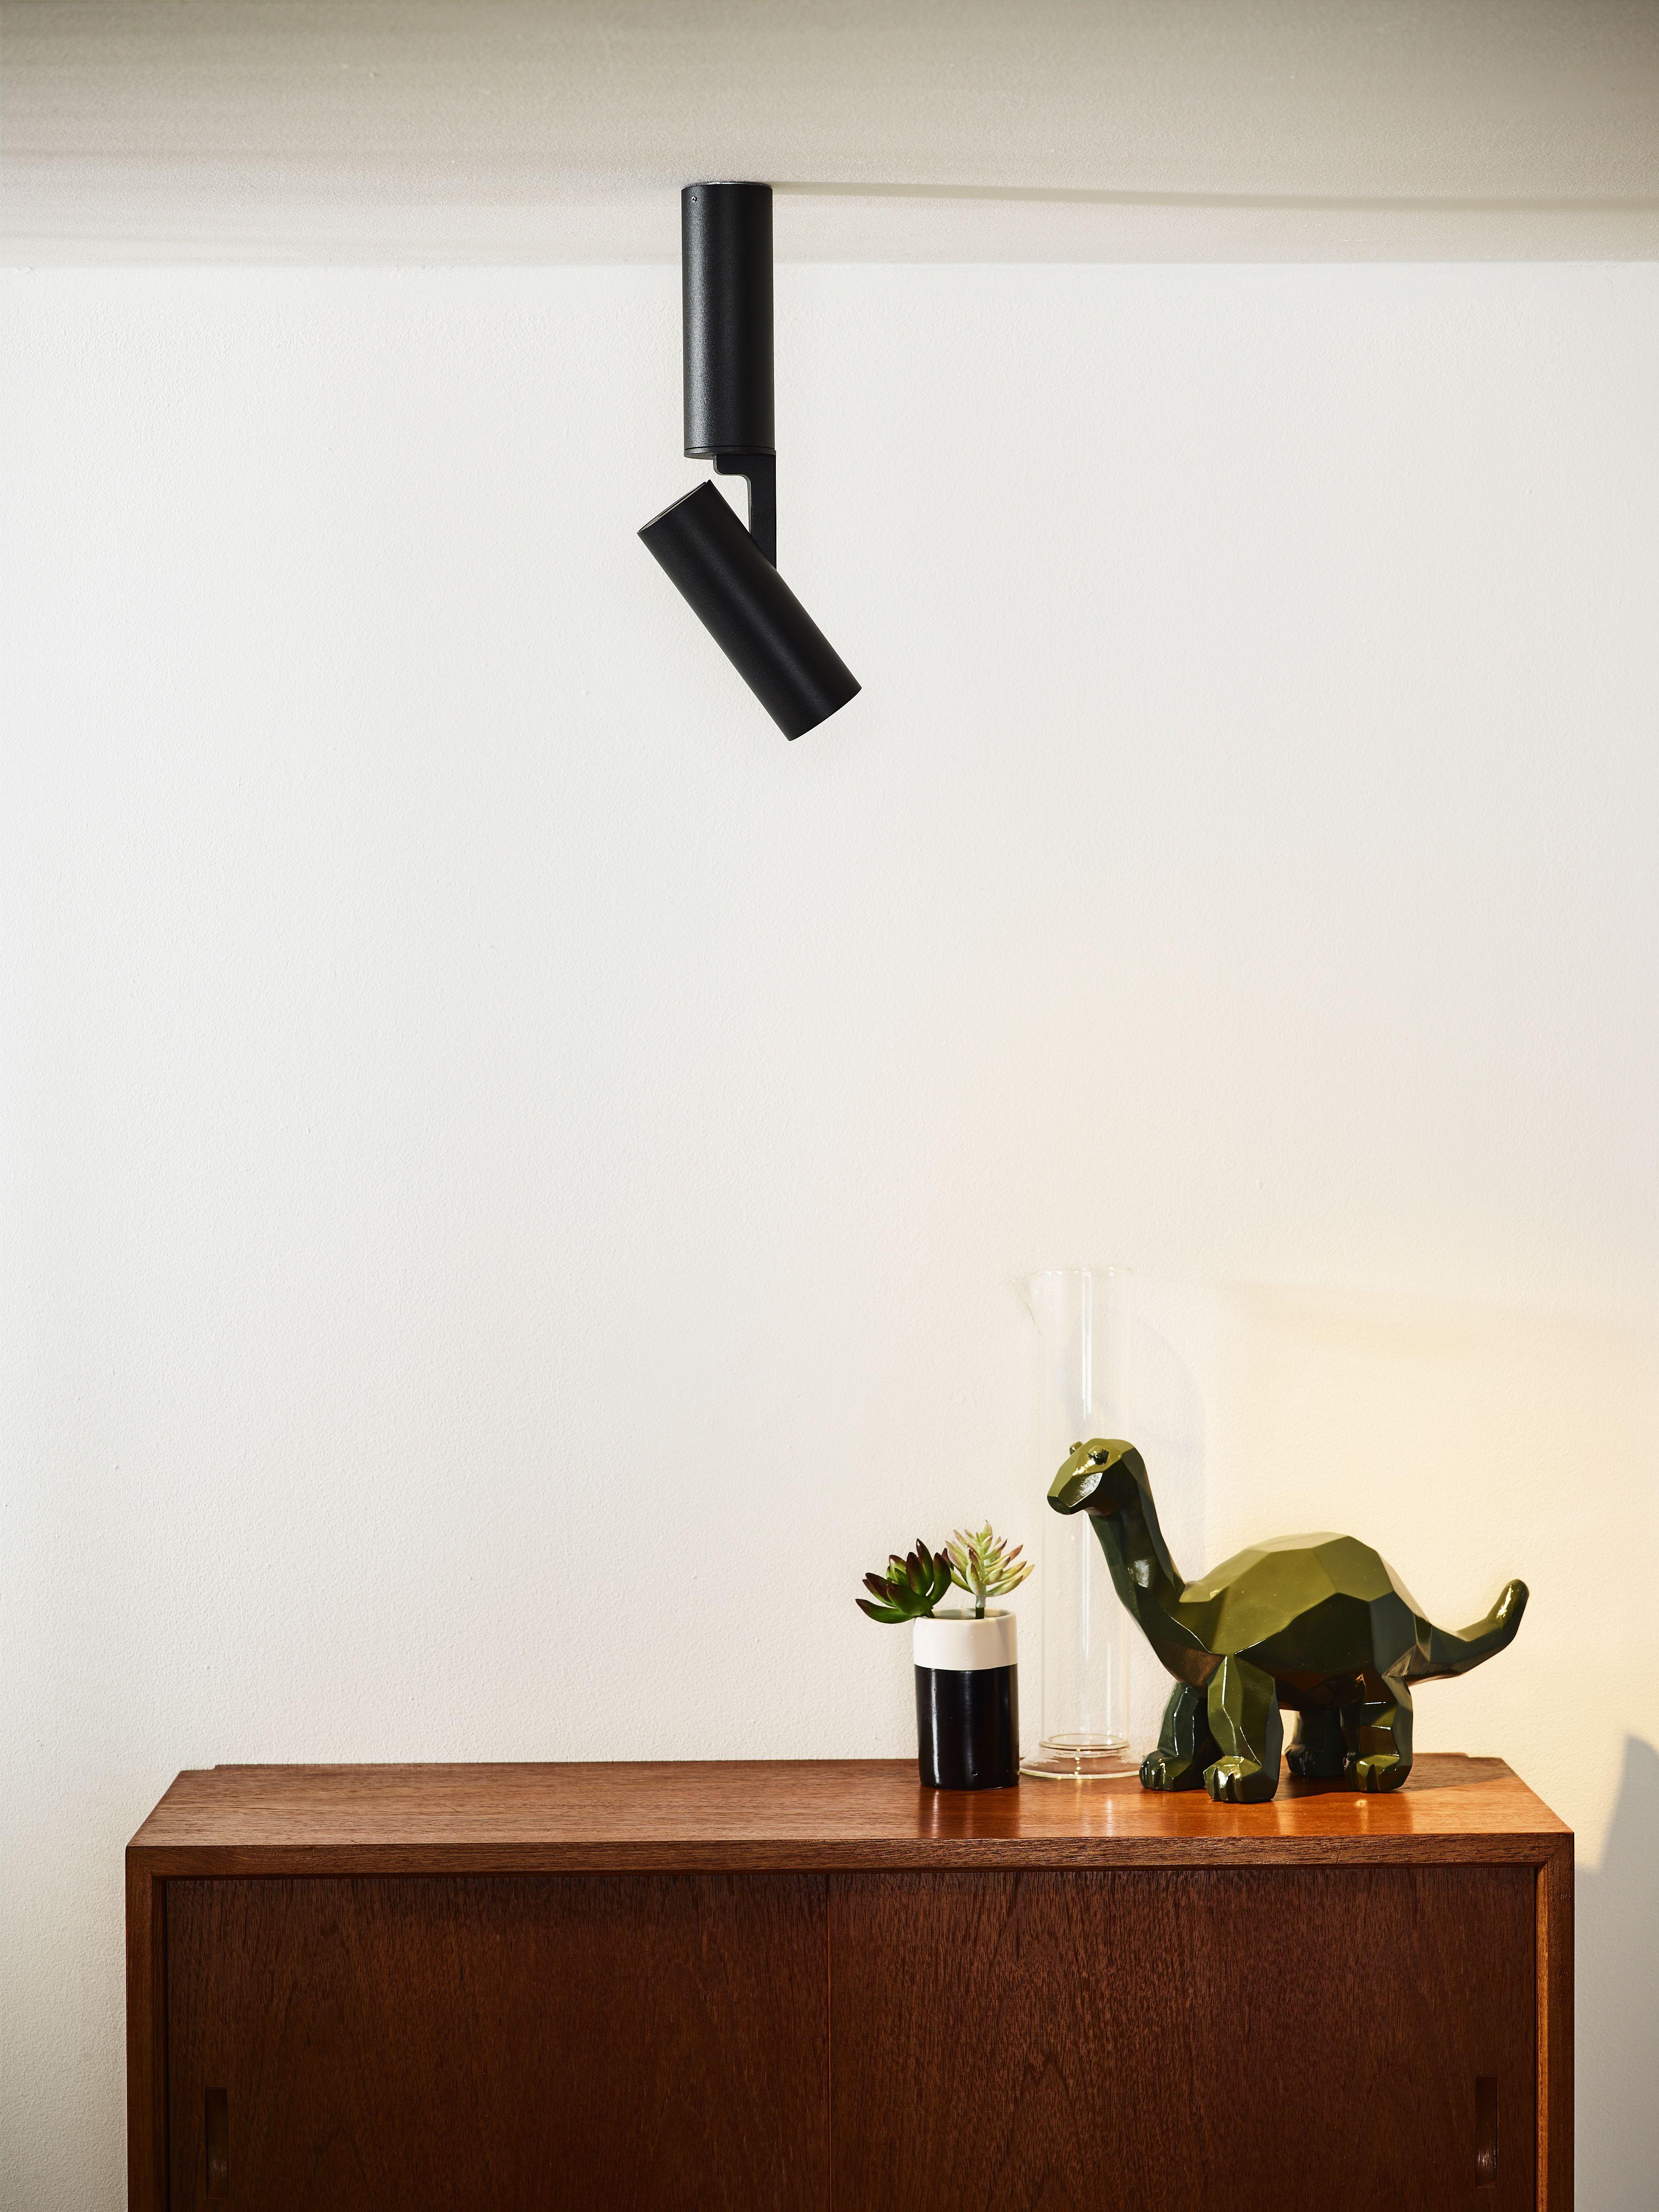 Lucide Greg Ceiling Spotlight O 5 Cm Led 1x13w 3000k Black Plafondlamp Led Binnenverlichting